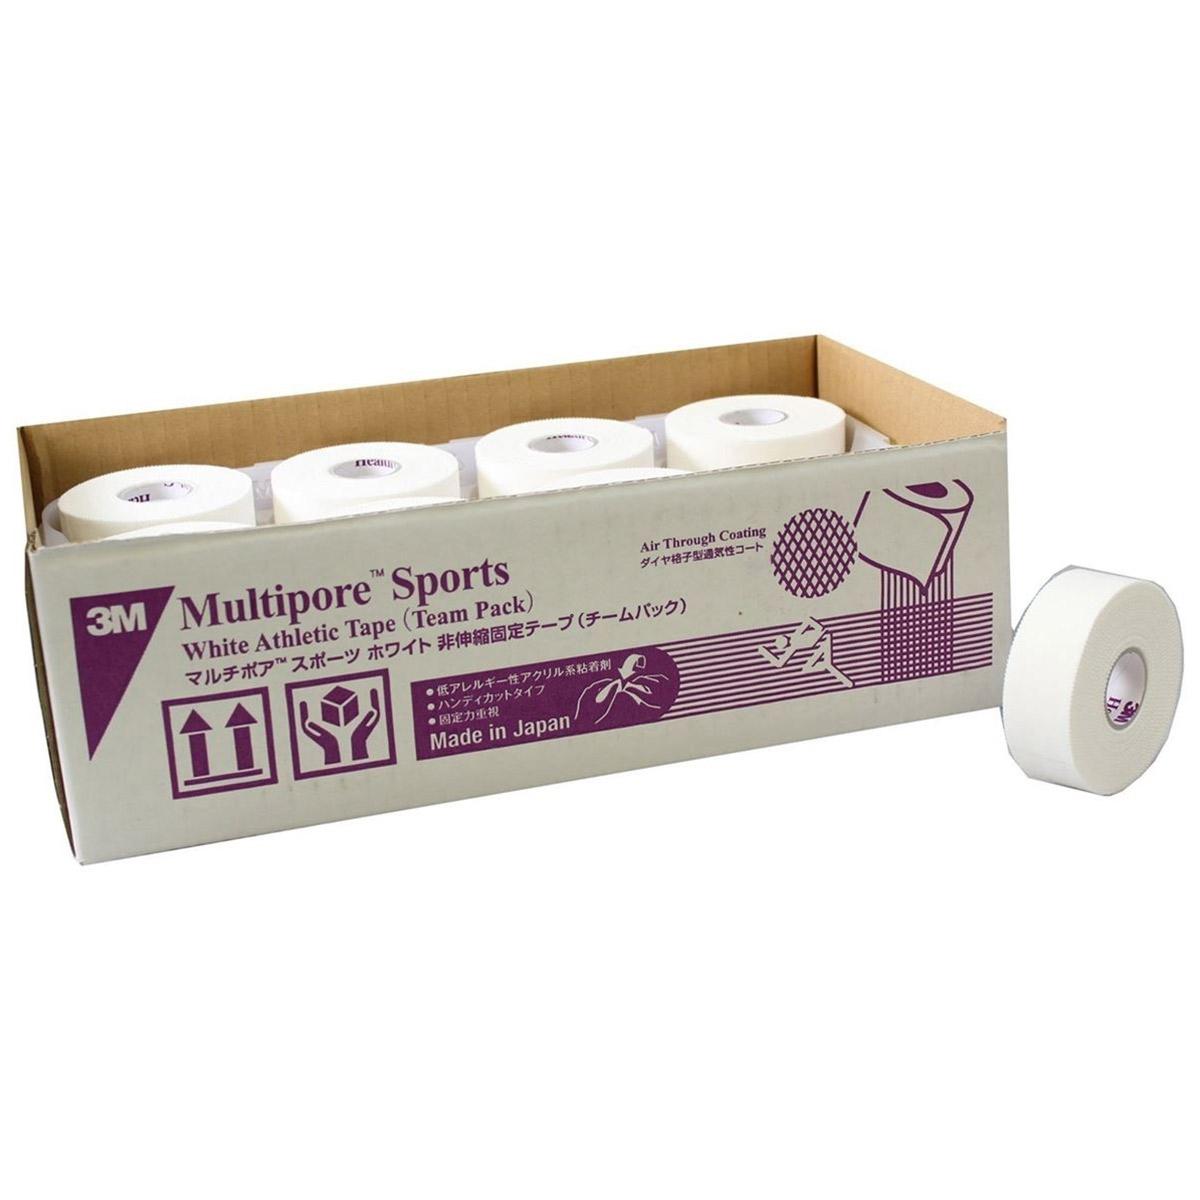 3M(スリーエム) テーピング マルチポアスポーツ ホワイト [チームパック] 25mm×12m 24巻 [2980TP-25]